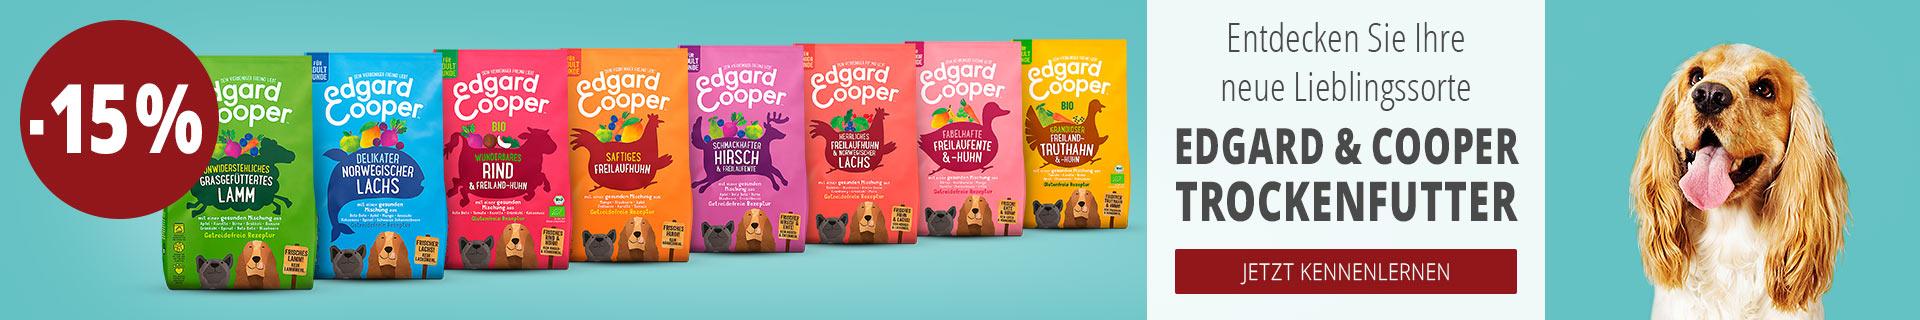 Edgard & Cooper Banner